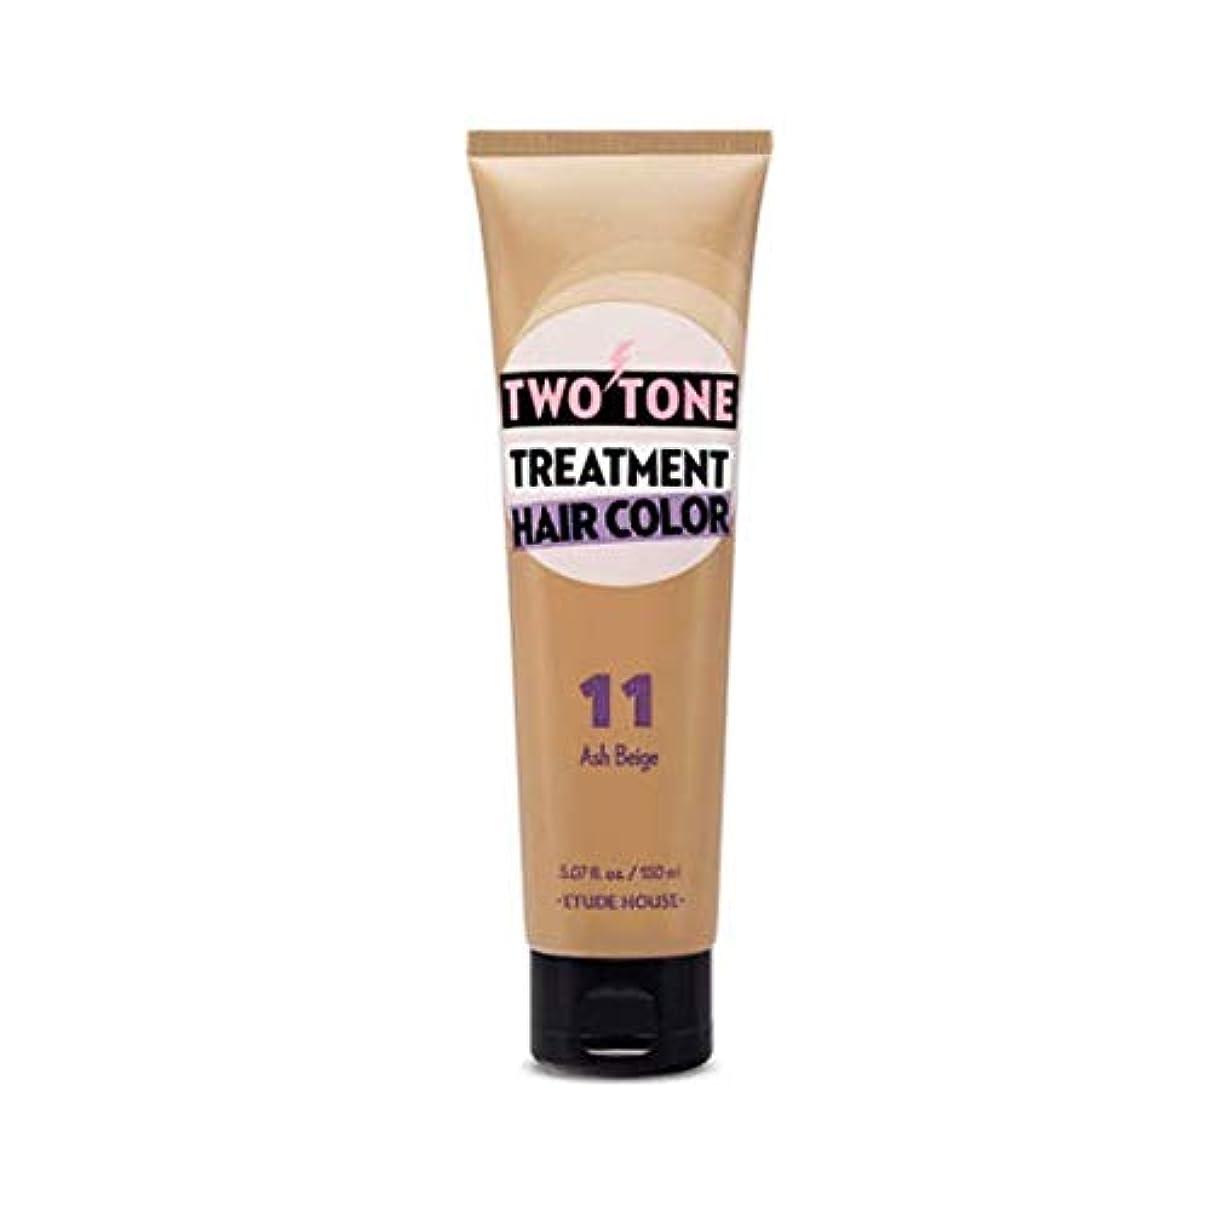 シリーズ最悪不安定なETUDE HOUSE Two Tone Treatment Hair Color *11 Ash Beige/エチュードハウス ツートントリートメントヘアカラー150ml [並行輸入品]